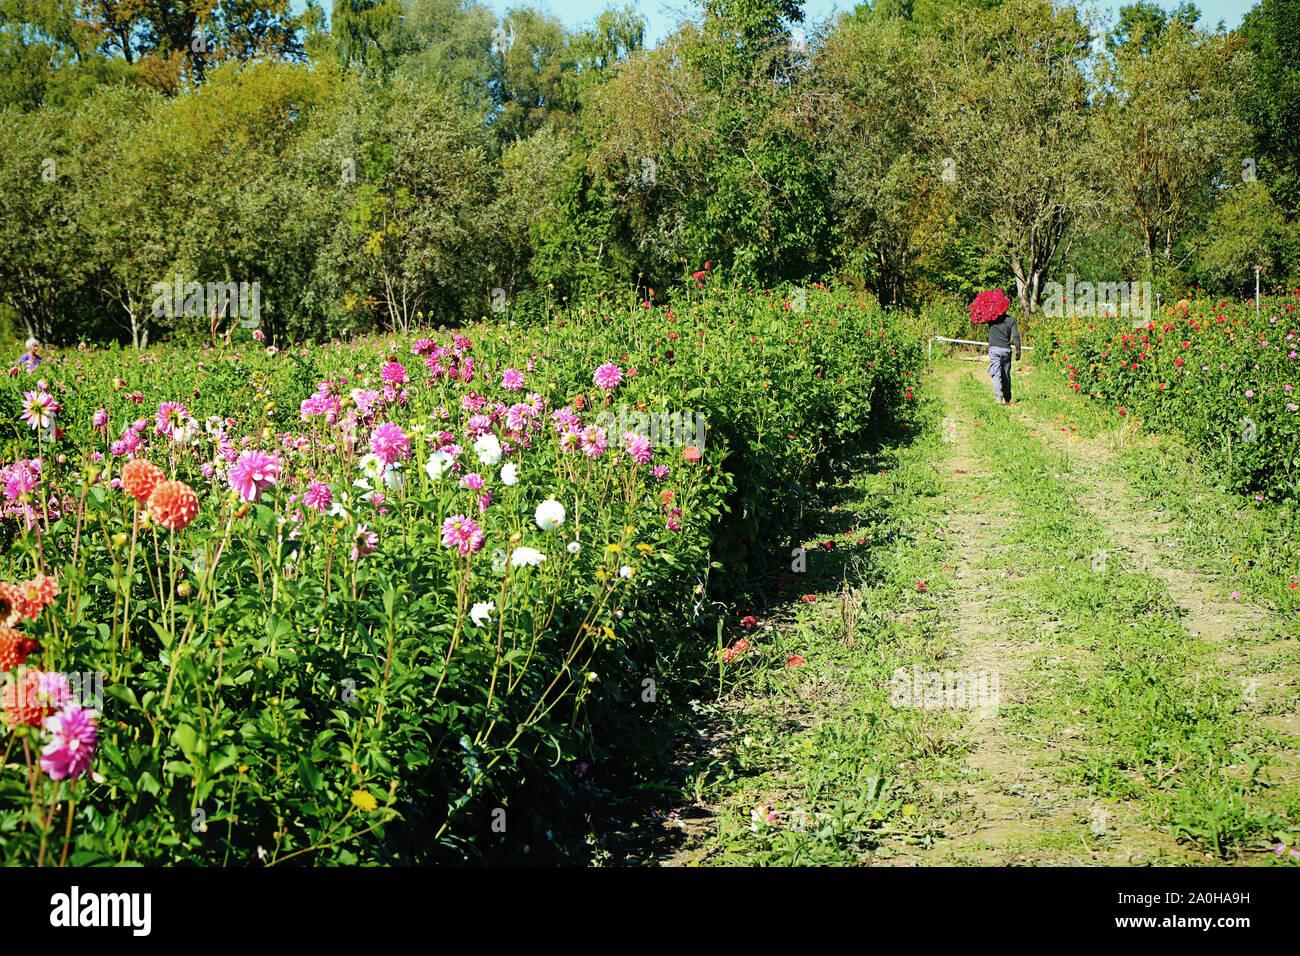 La coltivazione dei fiori in Baviera: lavoratore porta un mazzetto di dahlia tagliato e pronto per il mercato Foto Stock